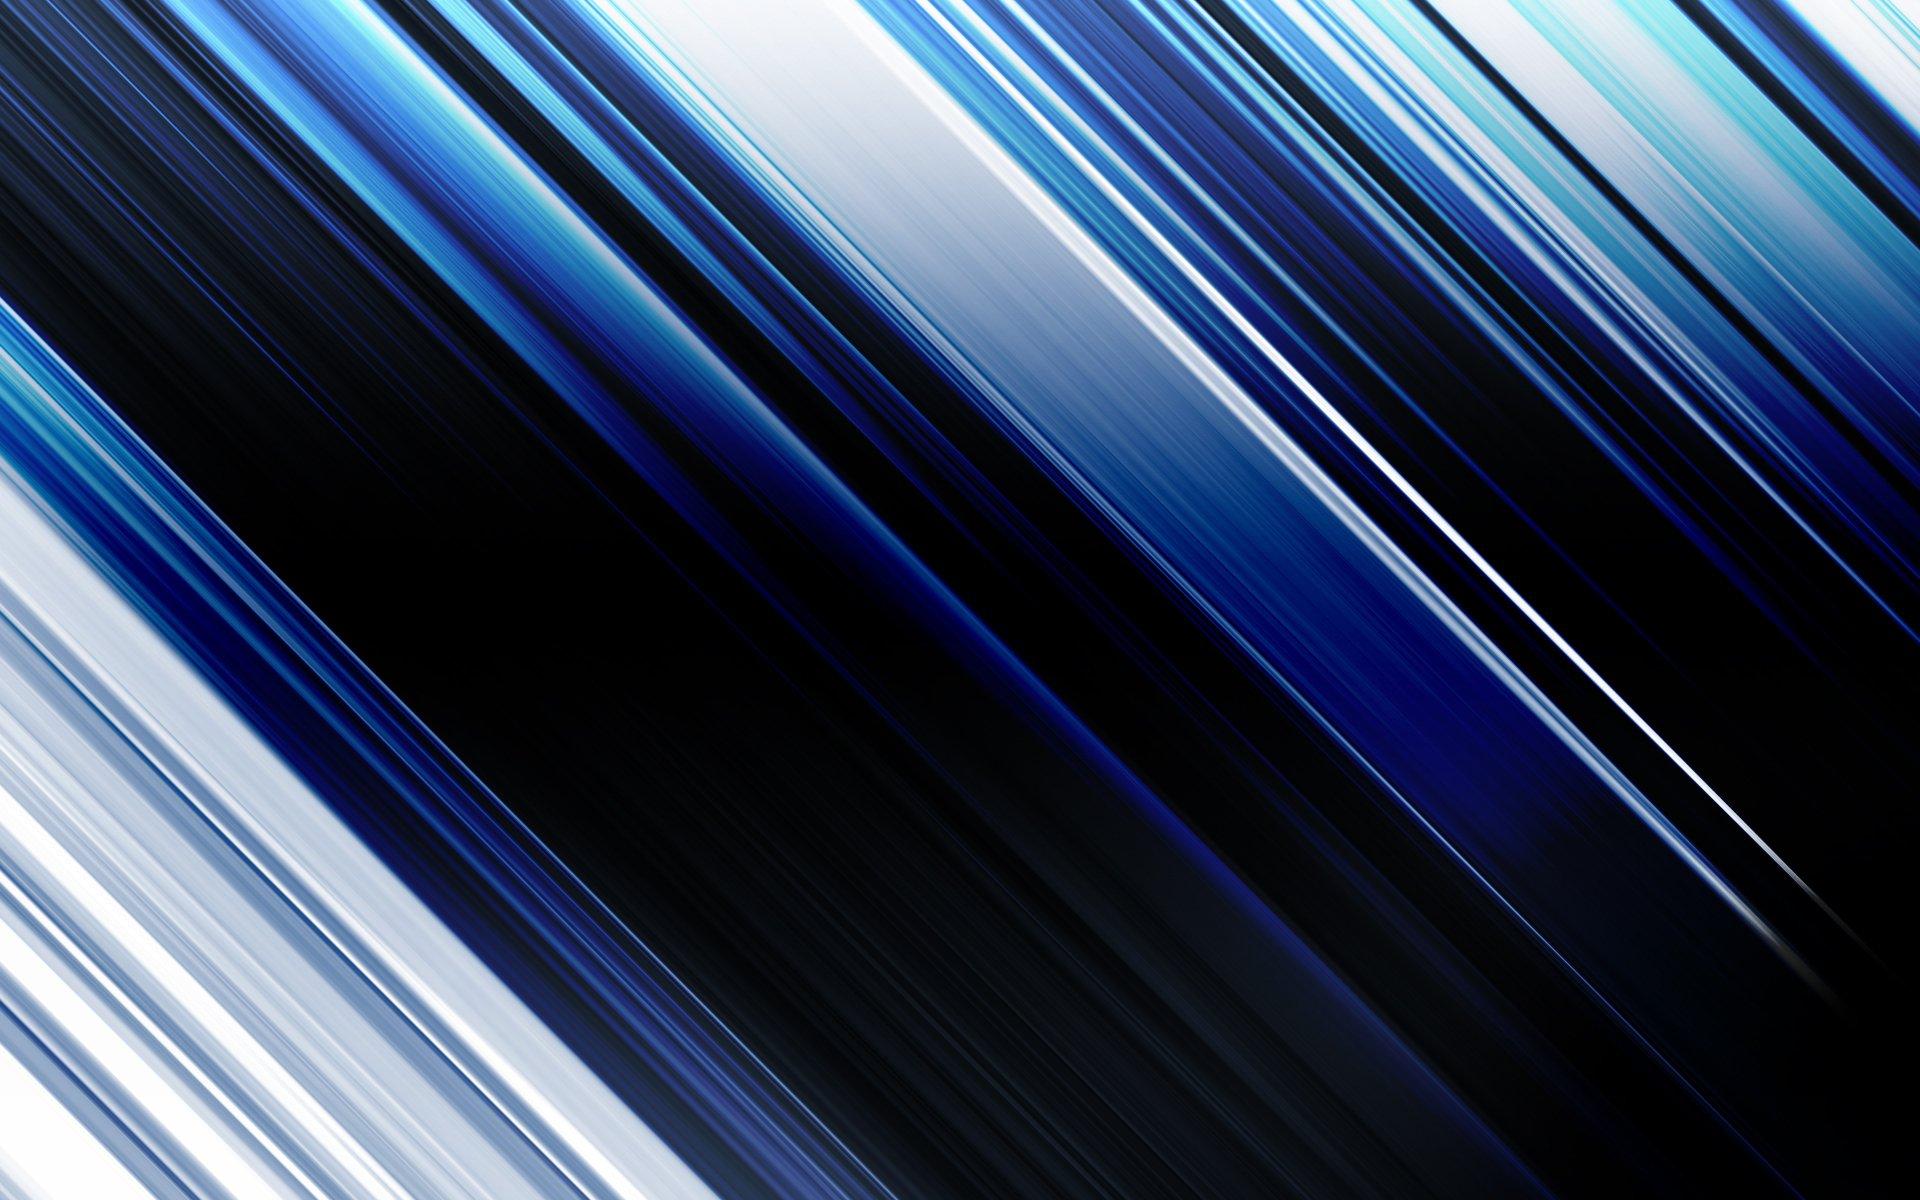 Черно-синие линии  № 2328015 без смс